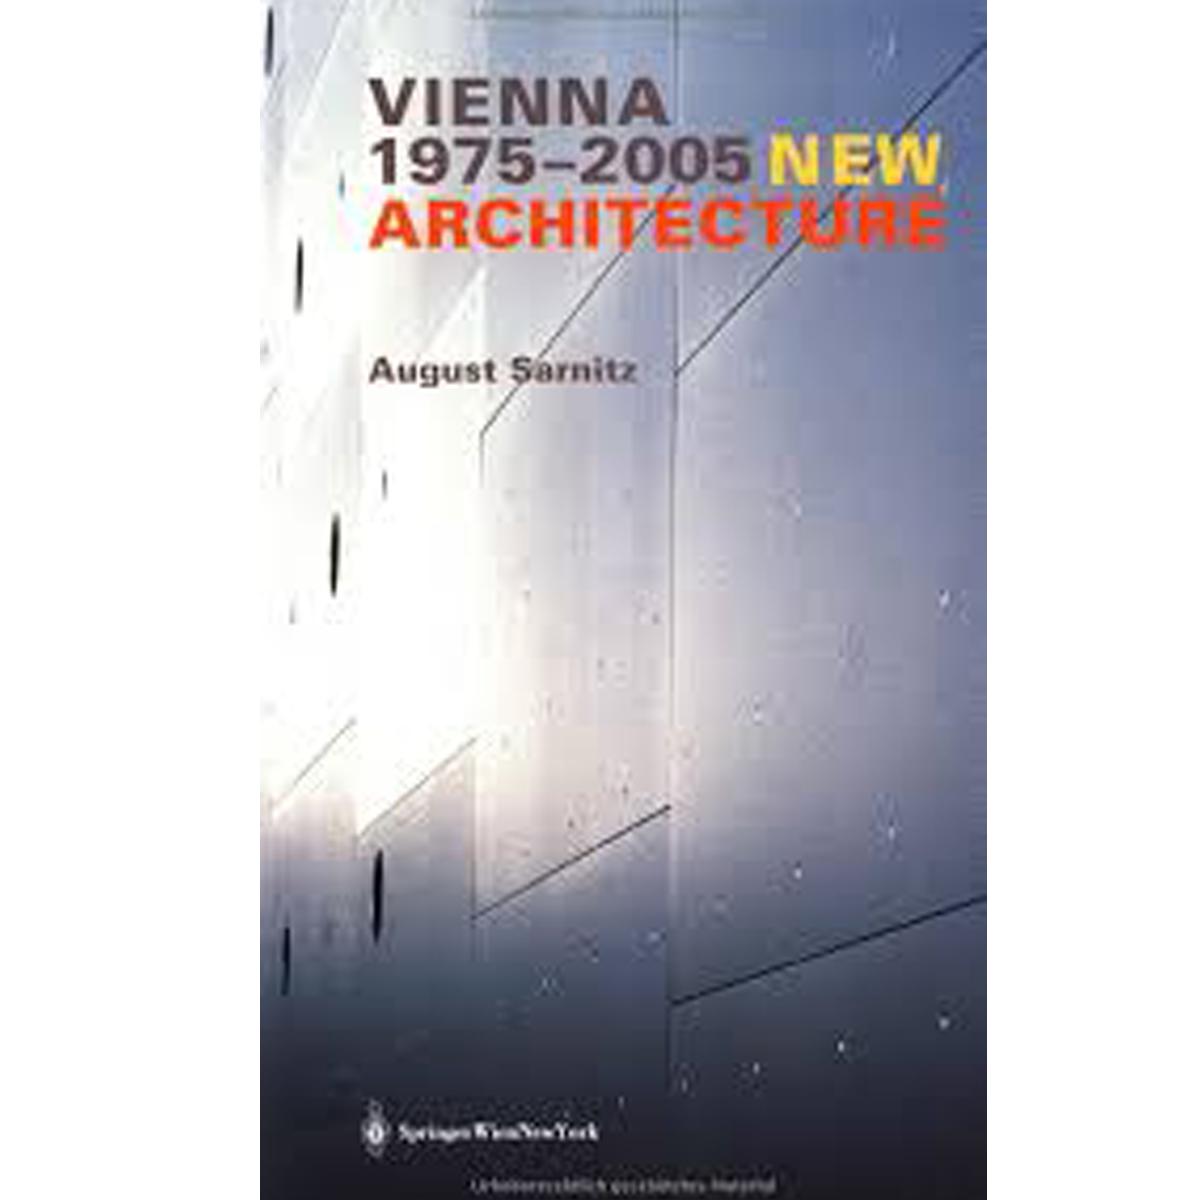 Vienna 1975-2005